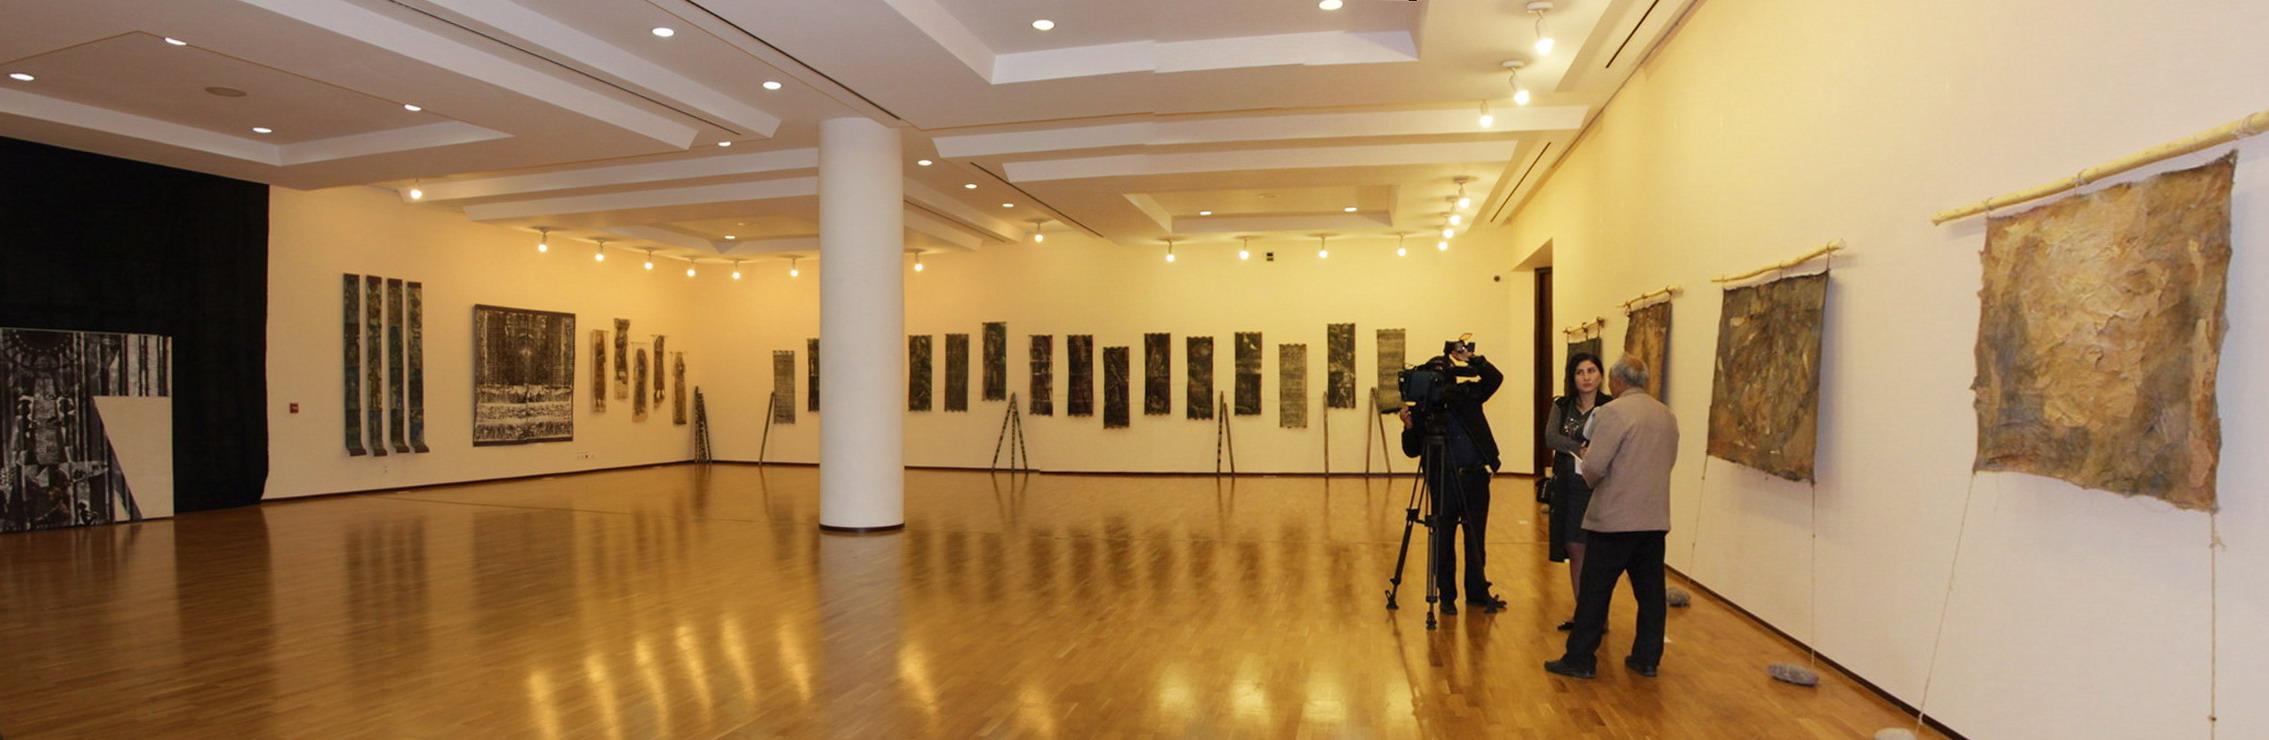 Экспозиционный зал выставки.